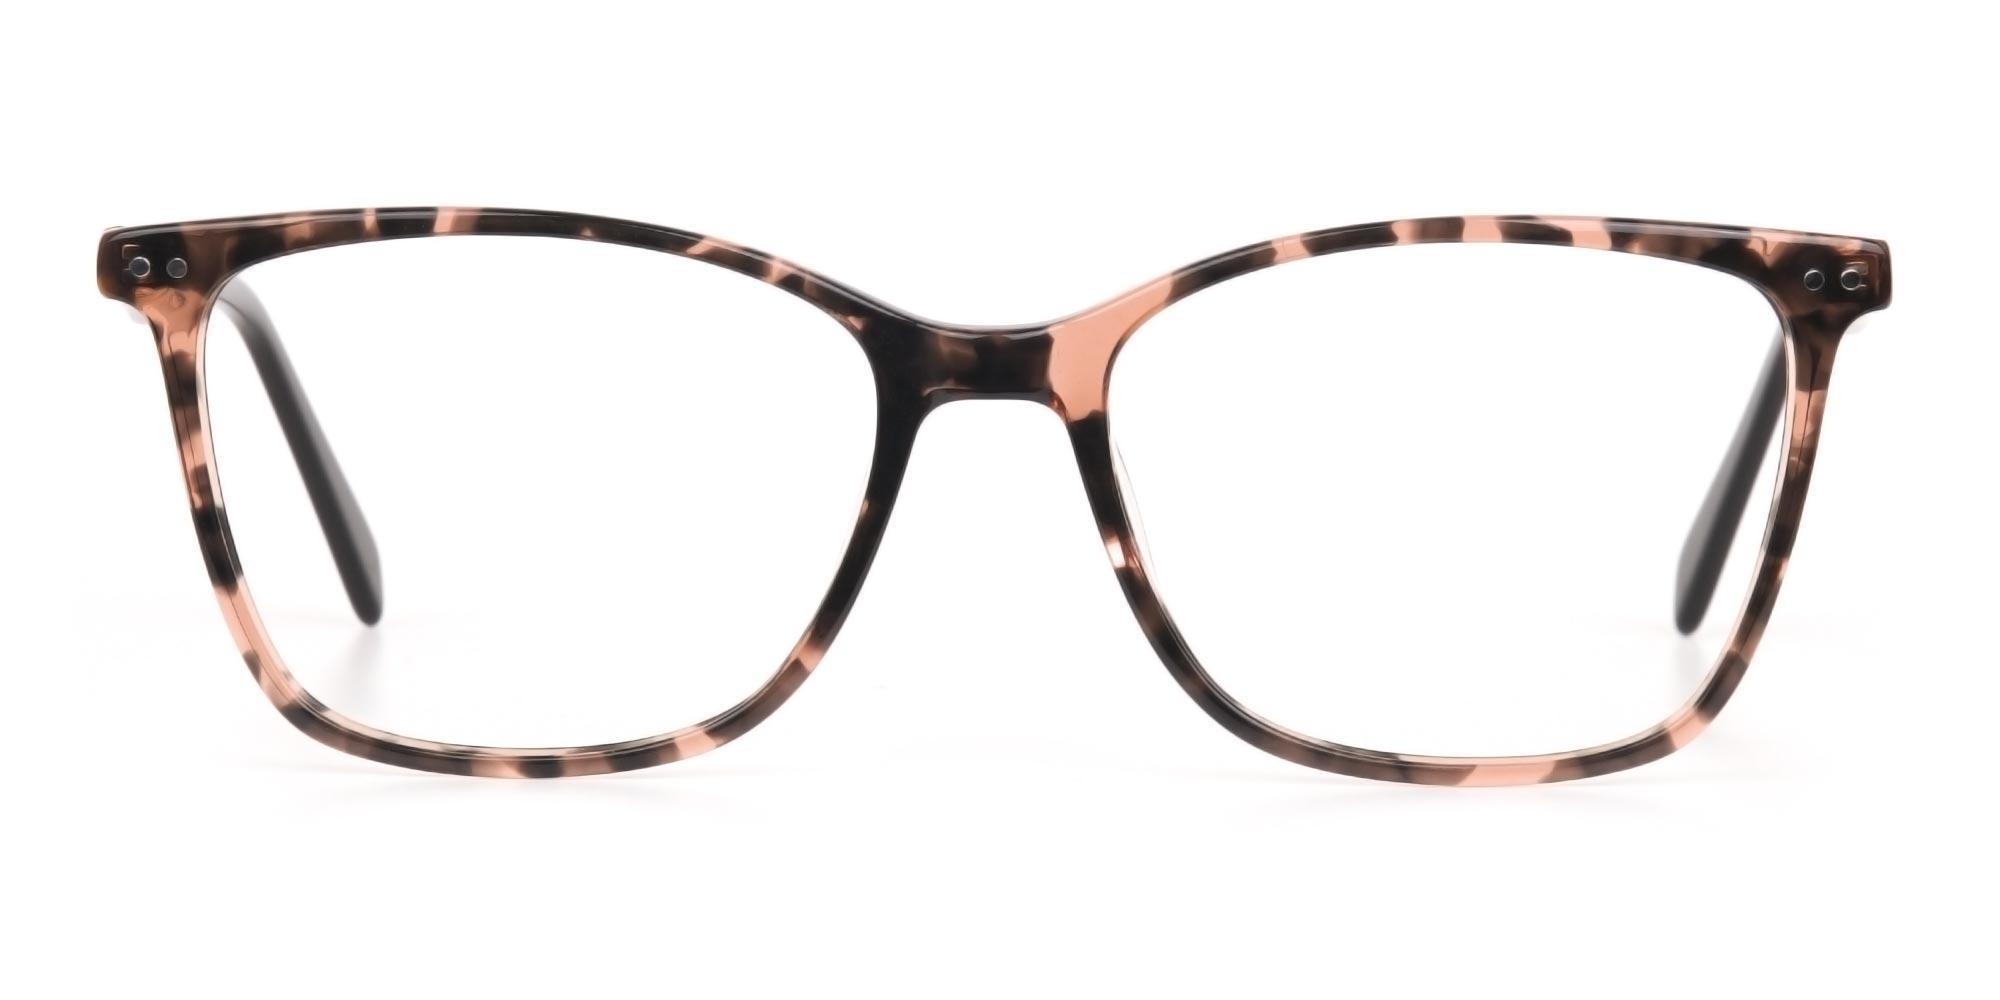 Brown Tortoiseshell Glasses Trends 2020